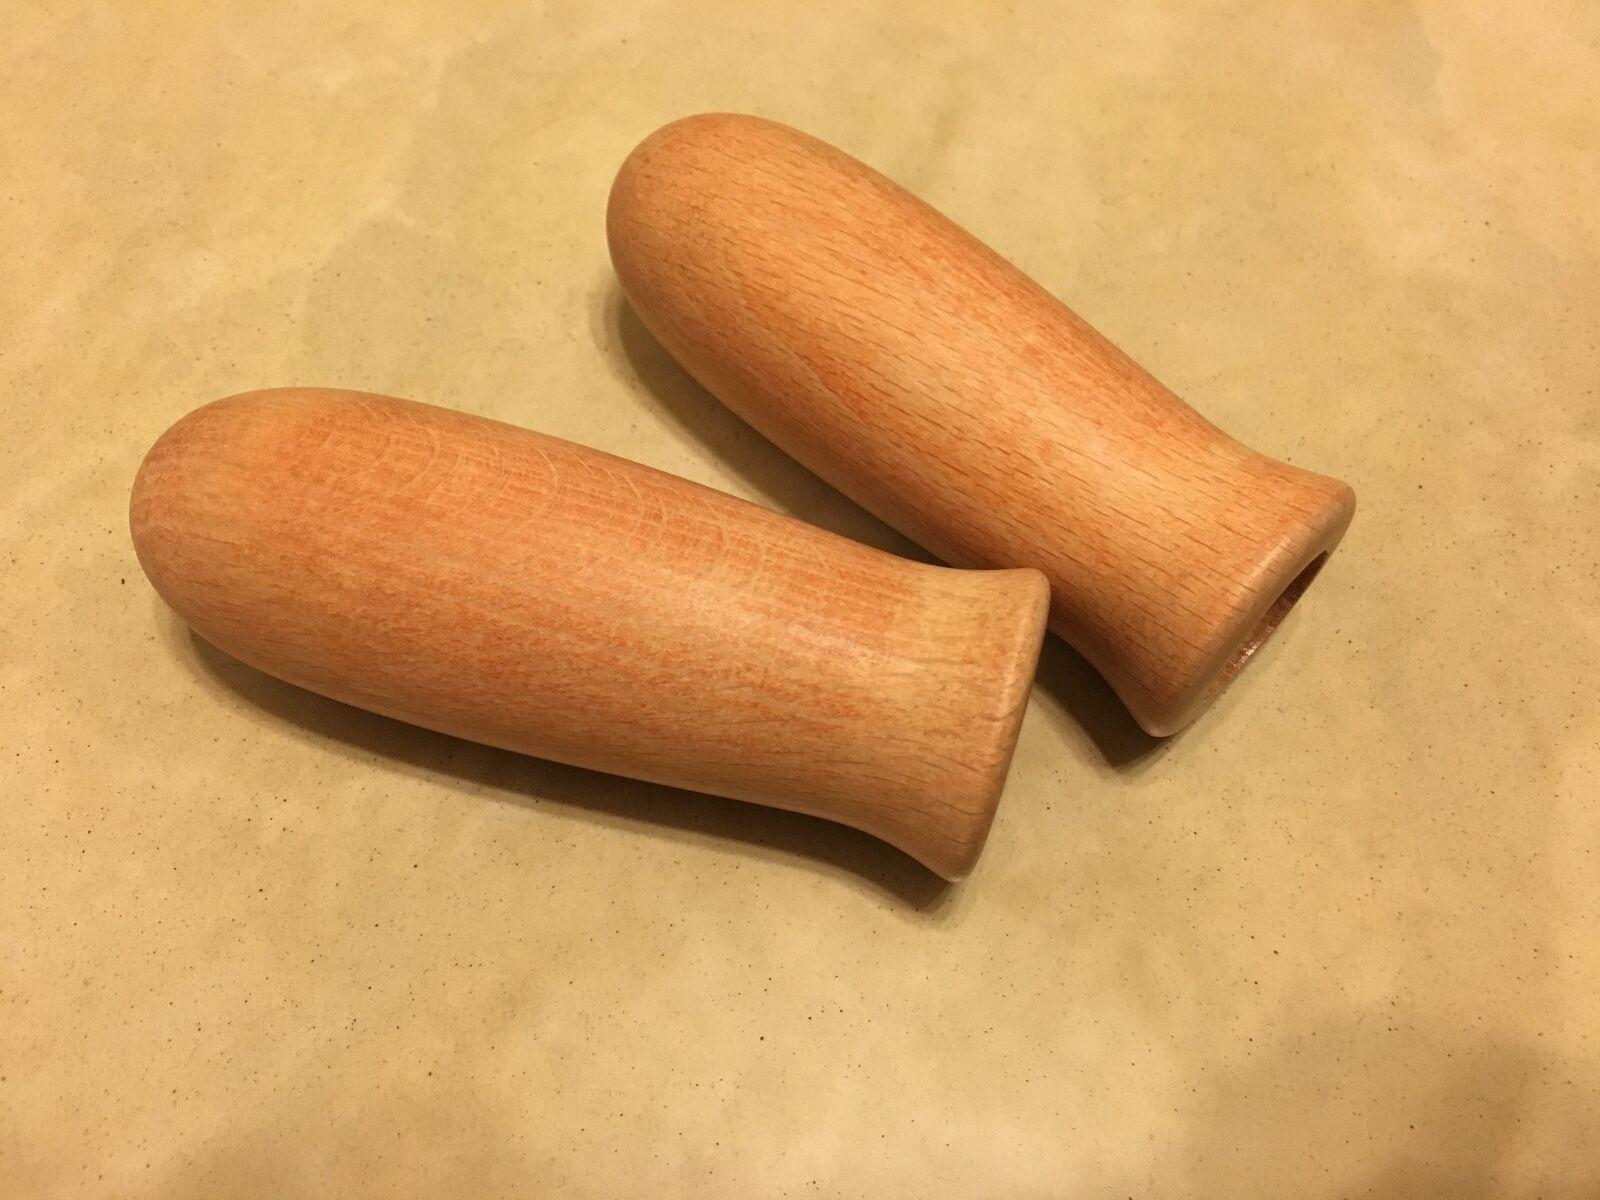 Jante, garde-boue et poignée de guidon en bois S-l1600